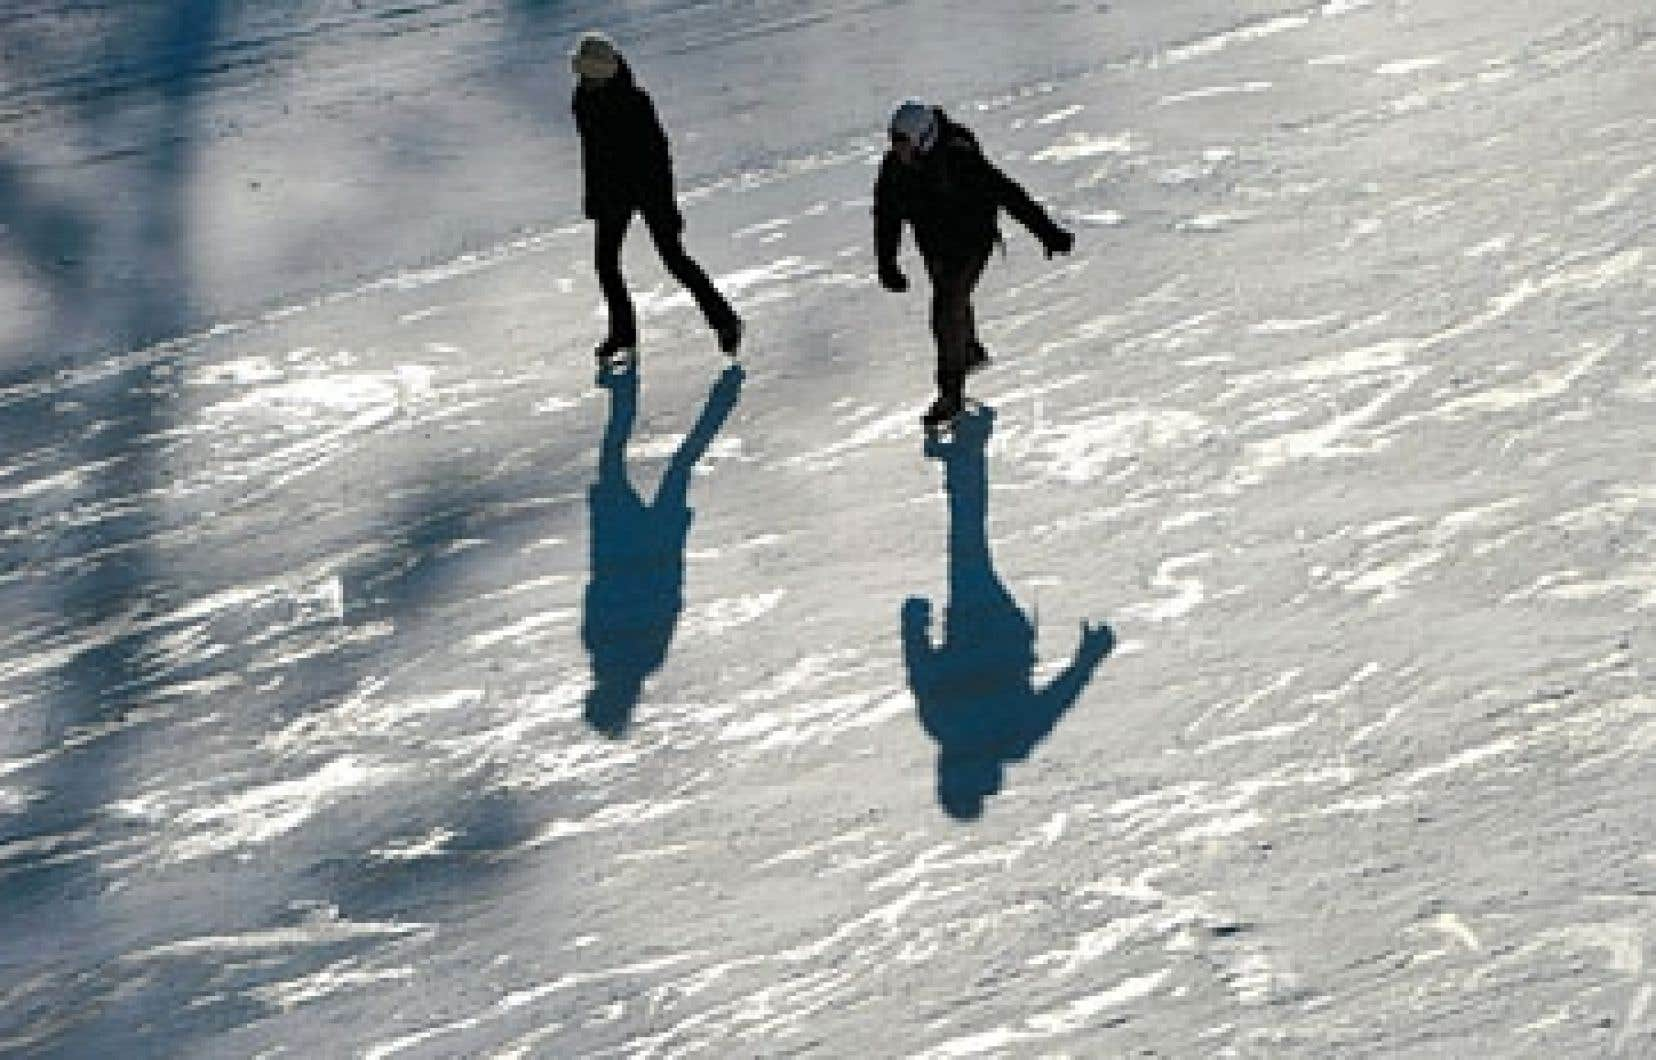 La vague de froid actuelle devrait durer pratiquement jusqu'à la mi-février.